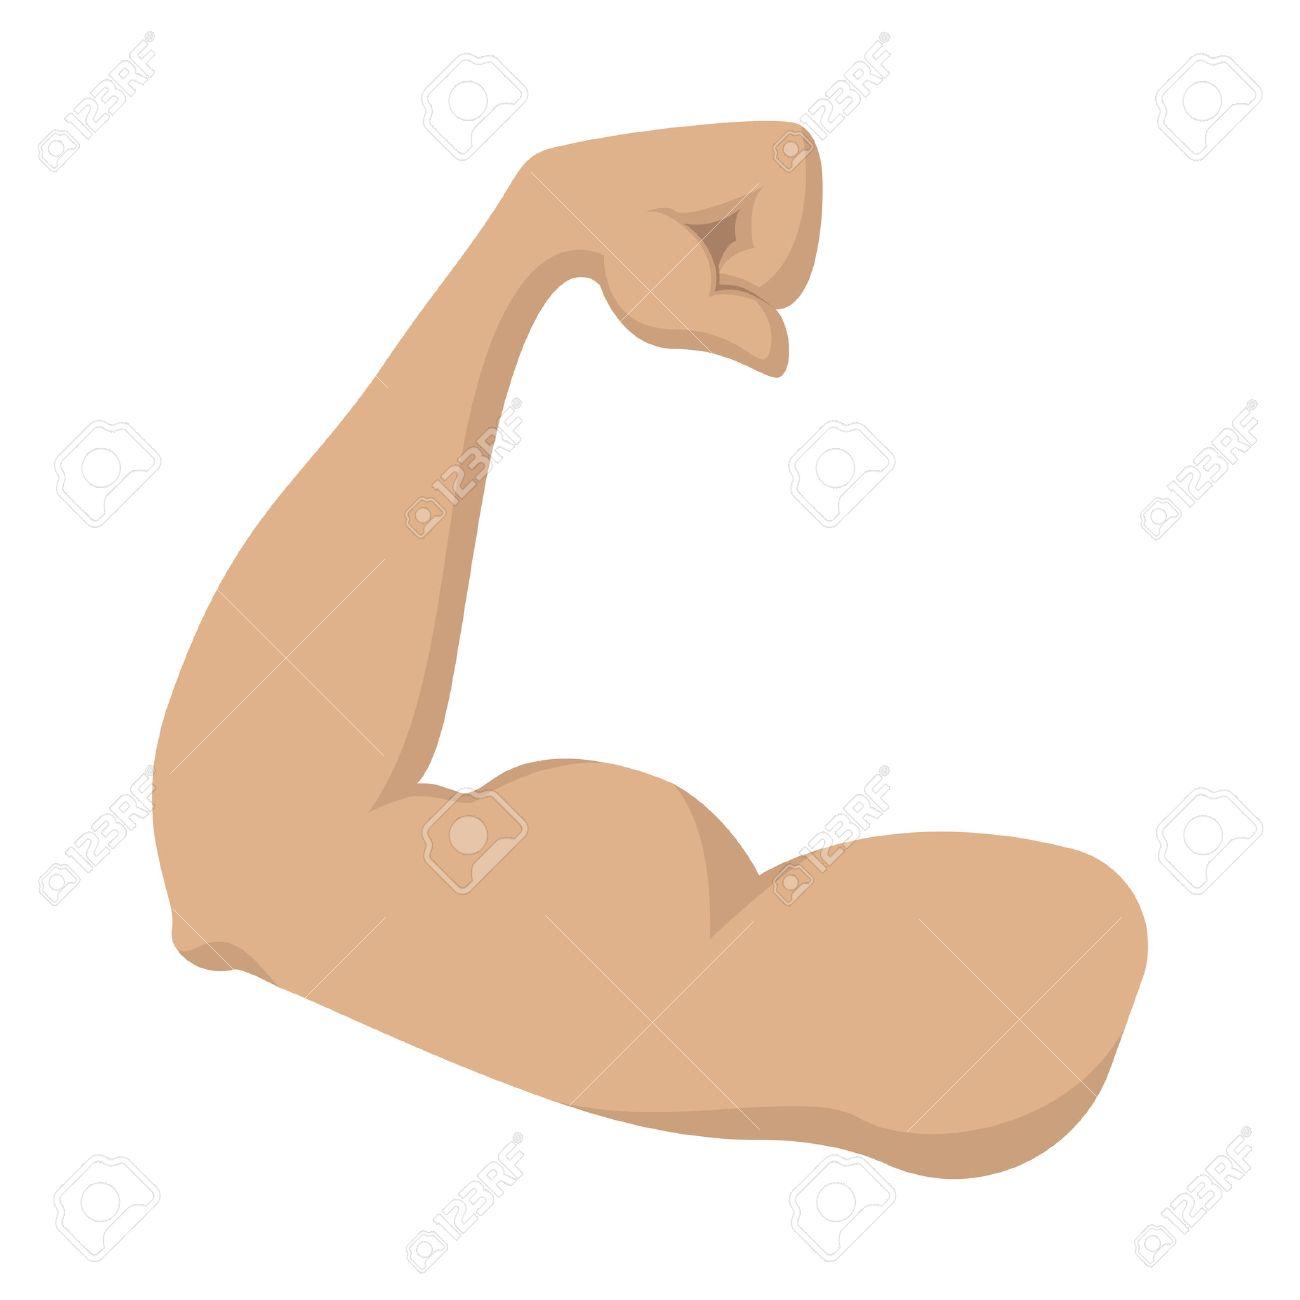 Resultado de imagen de icono del brazo haciendo fuerza